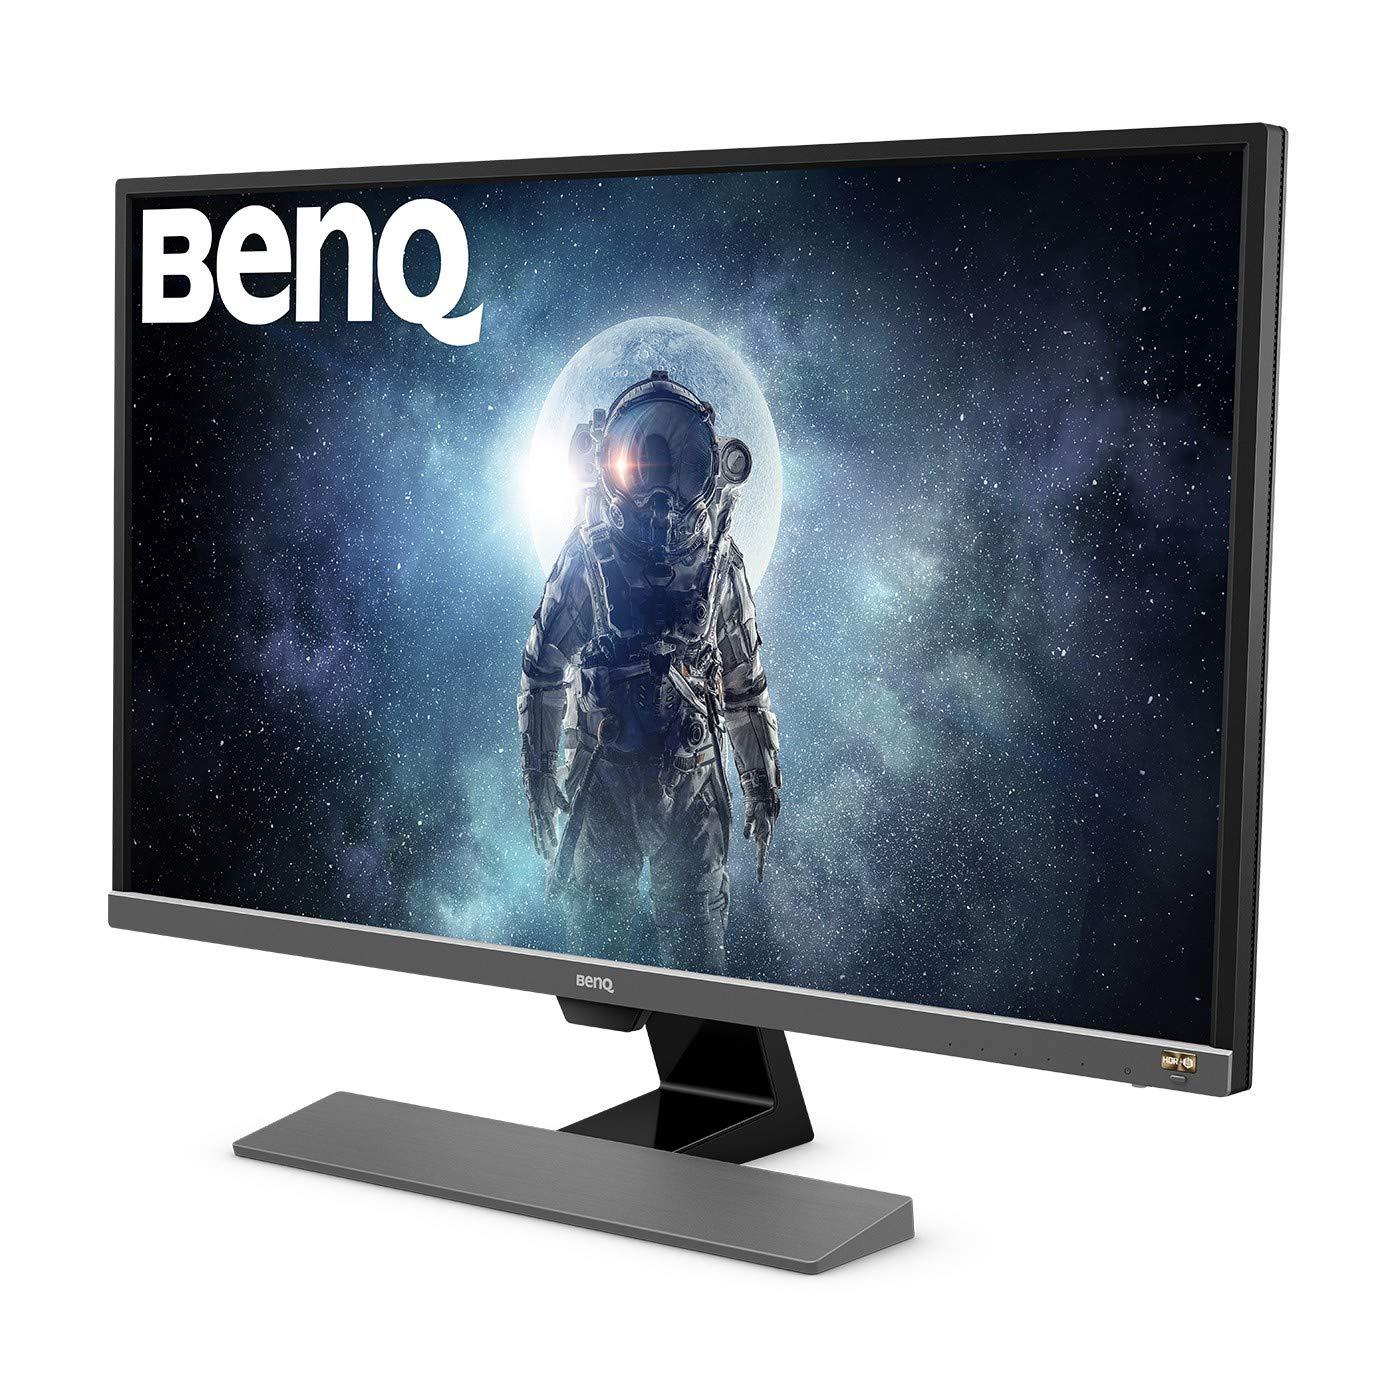 monitor zum zocken für konsole xbox benq